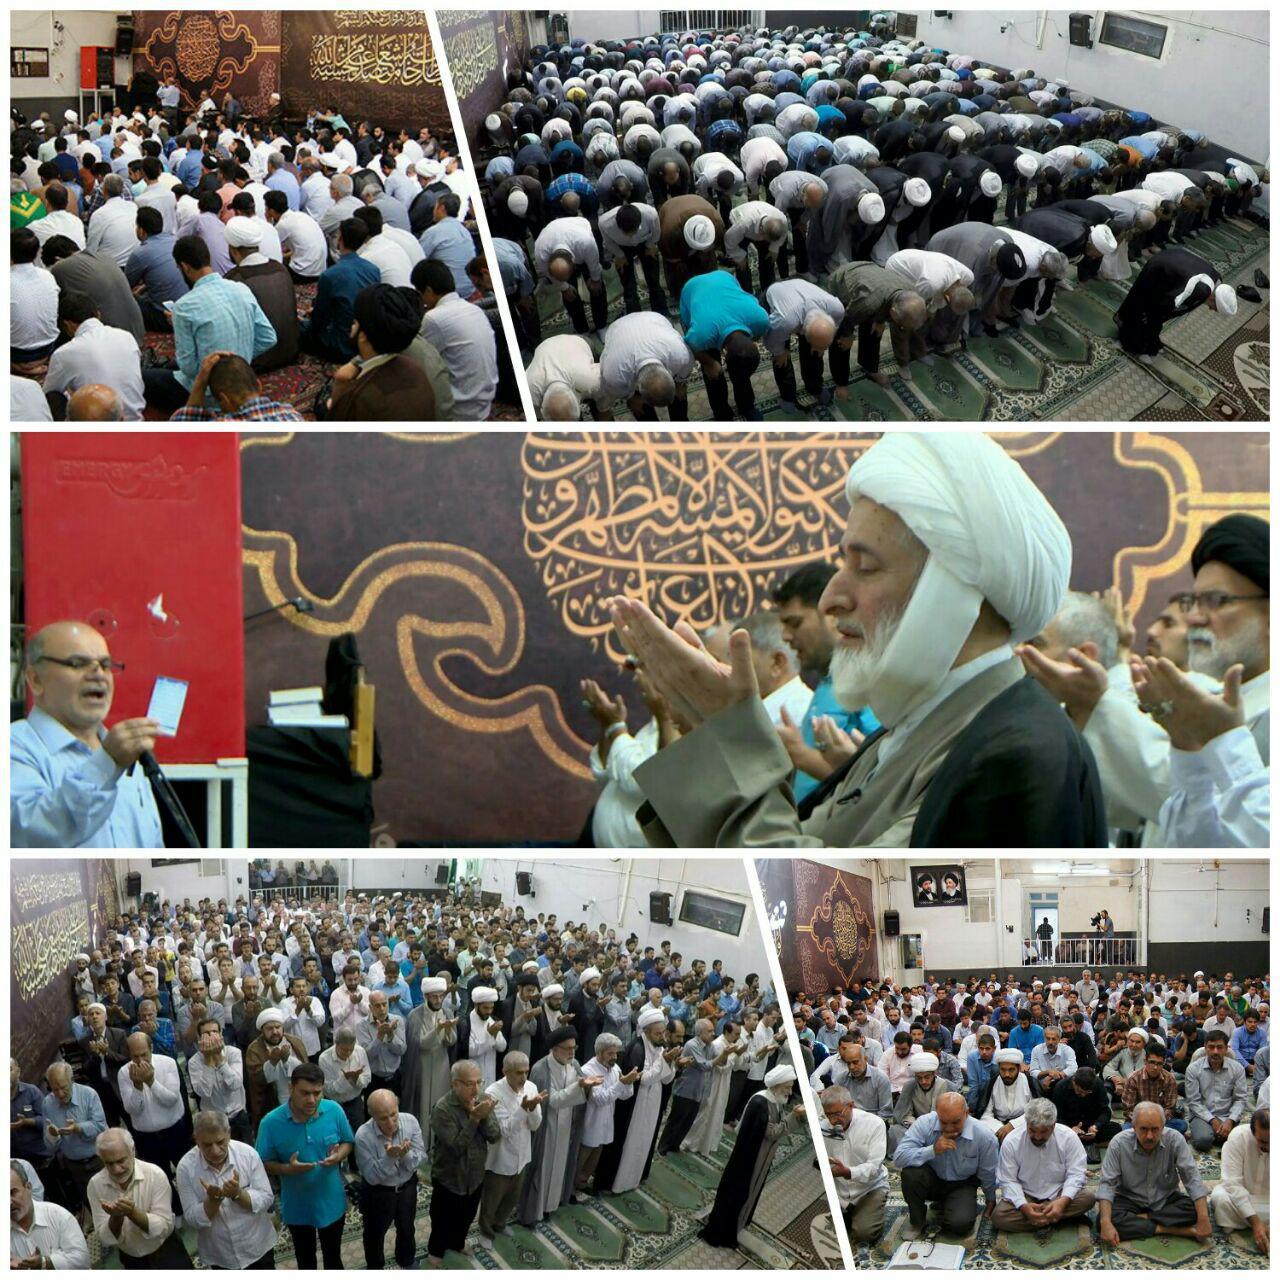 تصویر گزارش تصویری: اقامه نماز عید سعید فطر در بیت حضرت آیت الله العظمی شیرازی